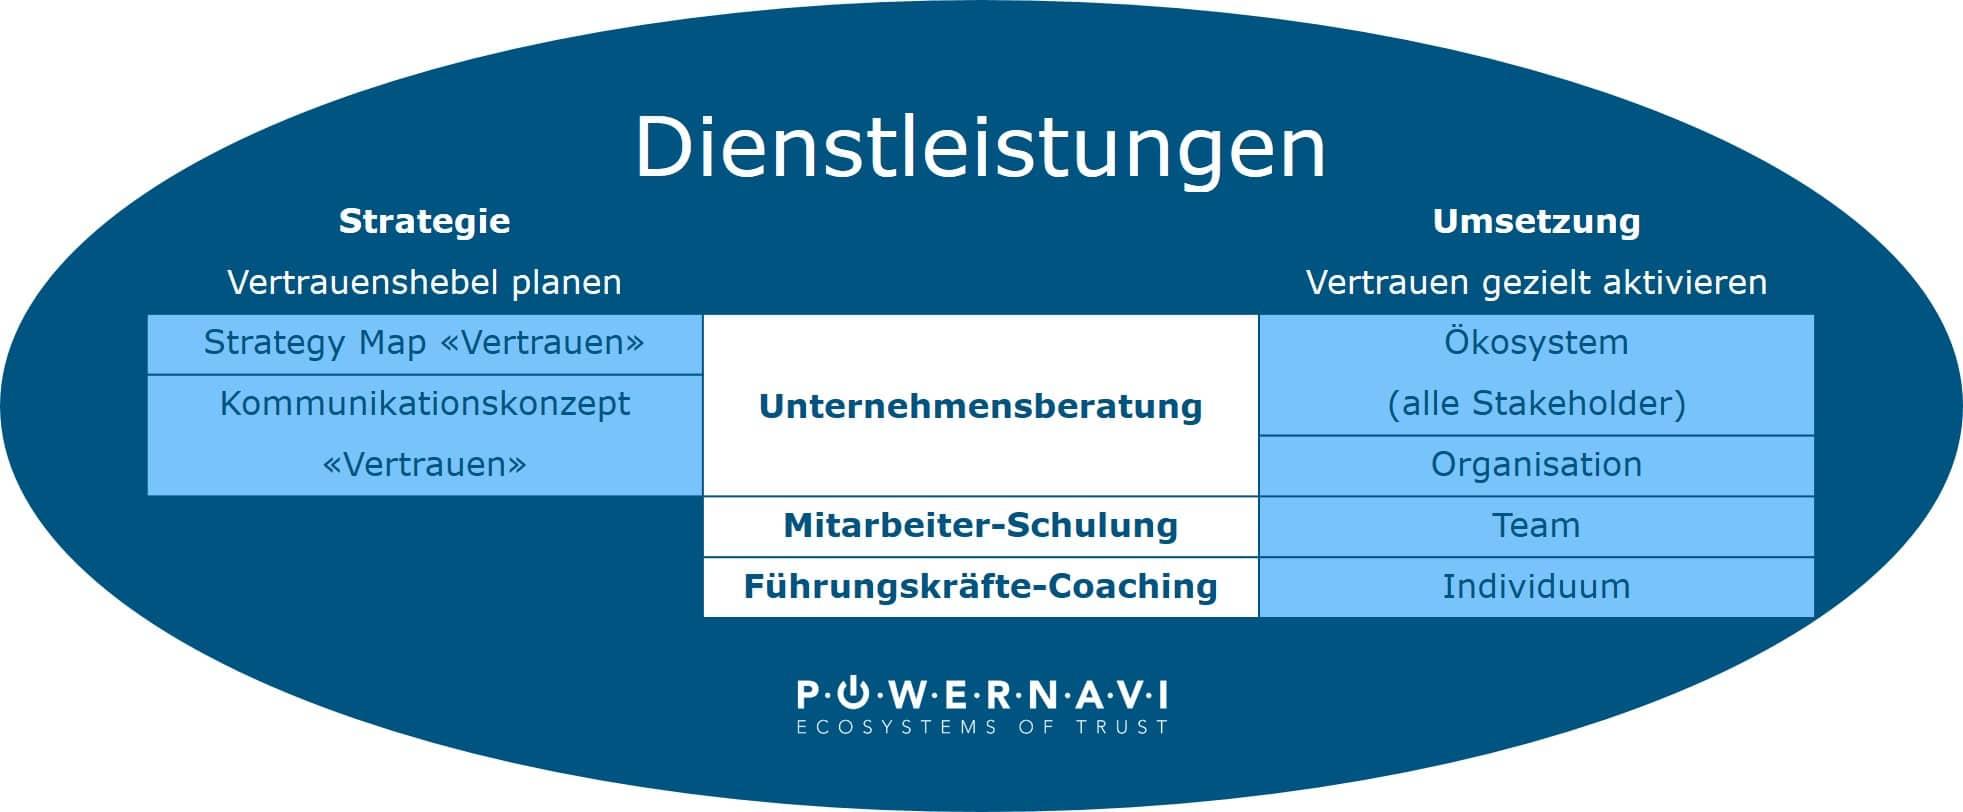 Dienstleistungen powernavi ecosystems of trust